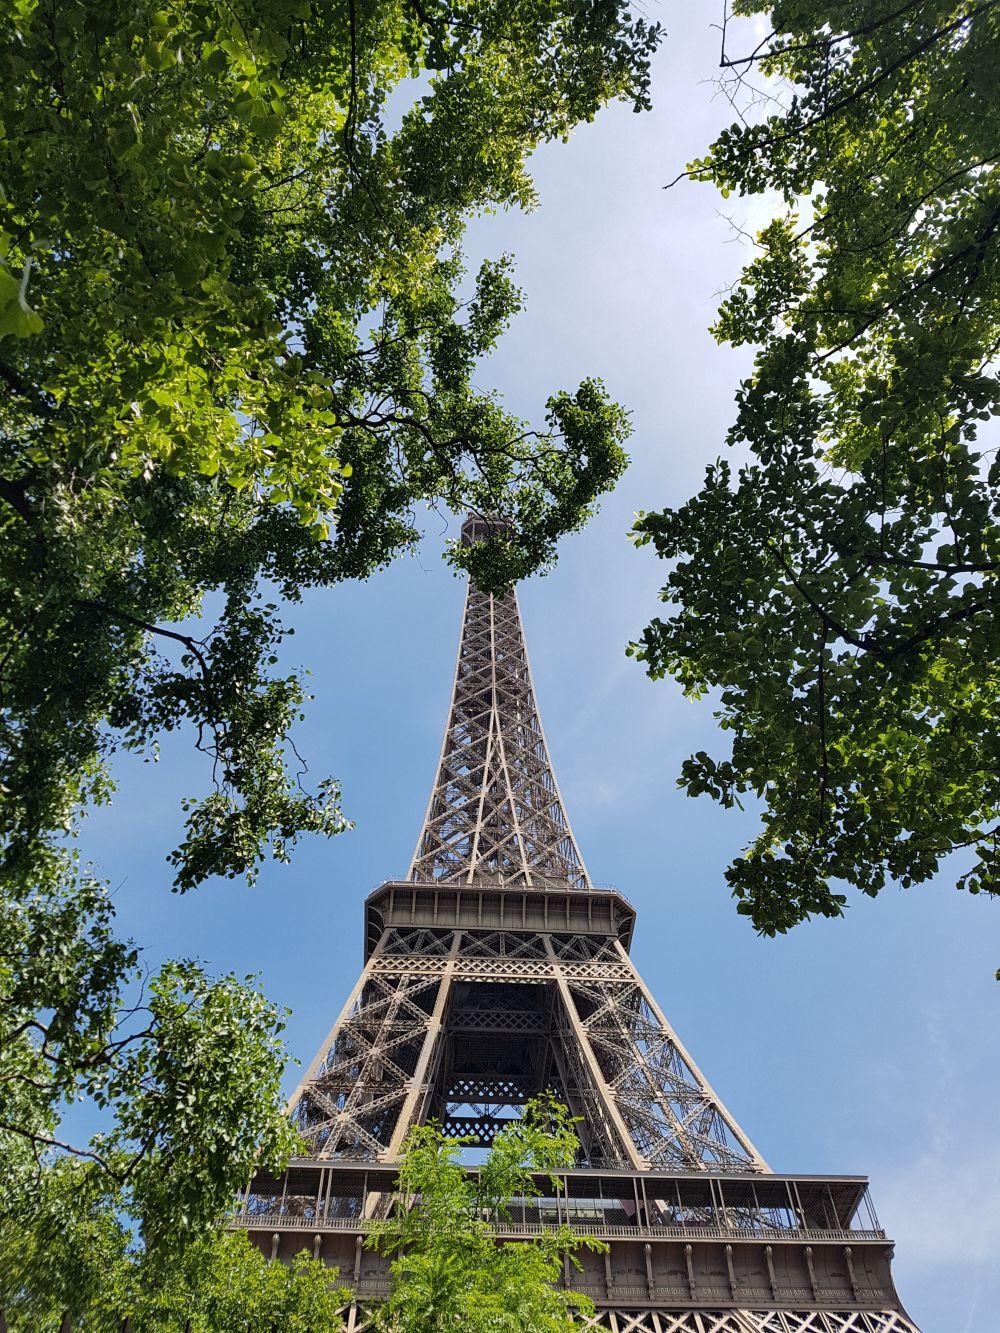 Paryż, fot. Błażej Piątkowski, 9.07.2019